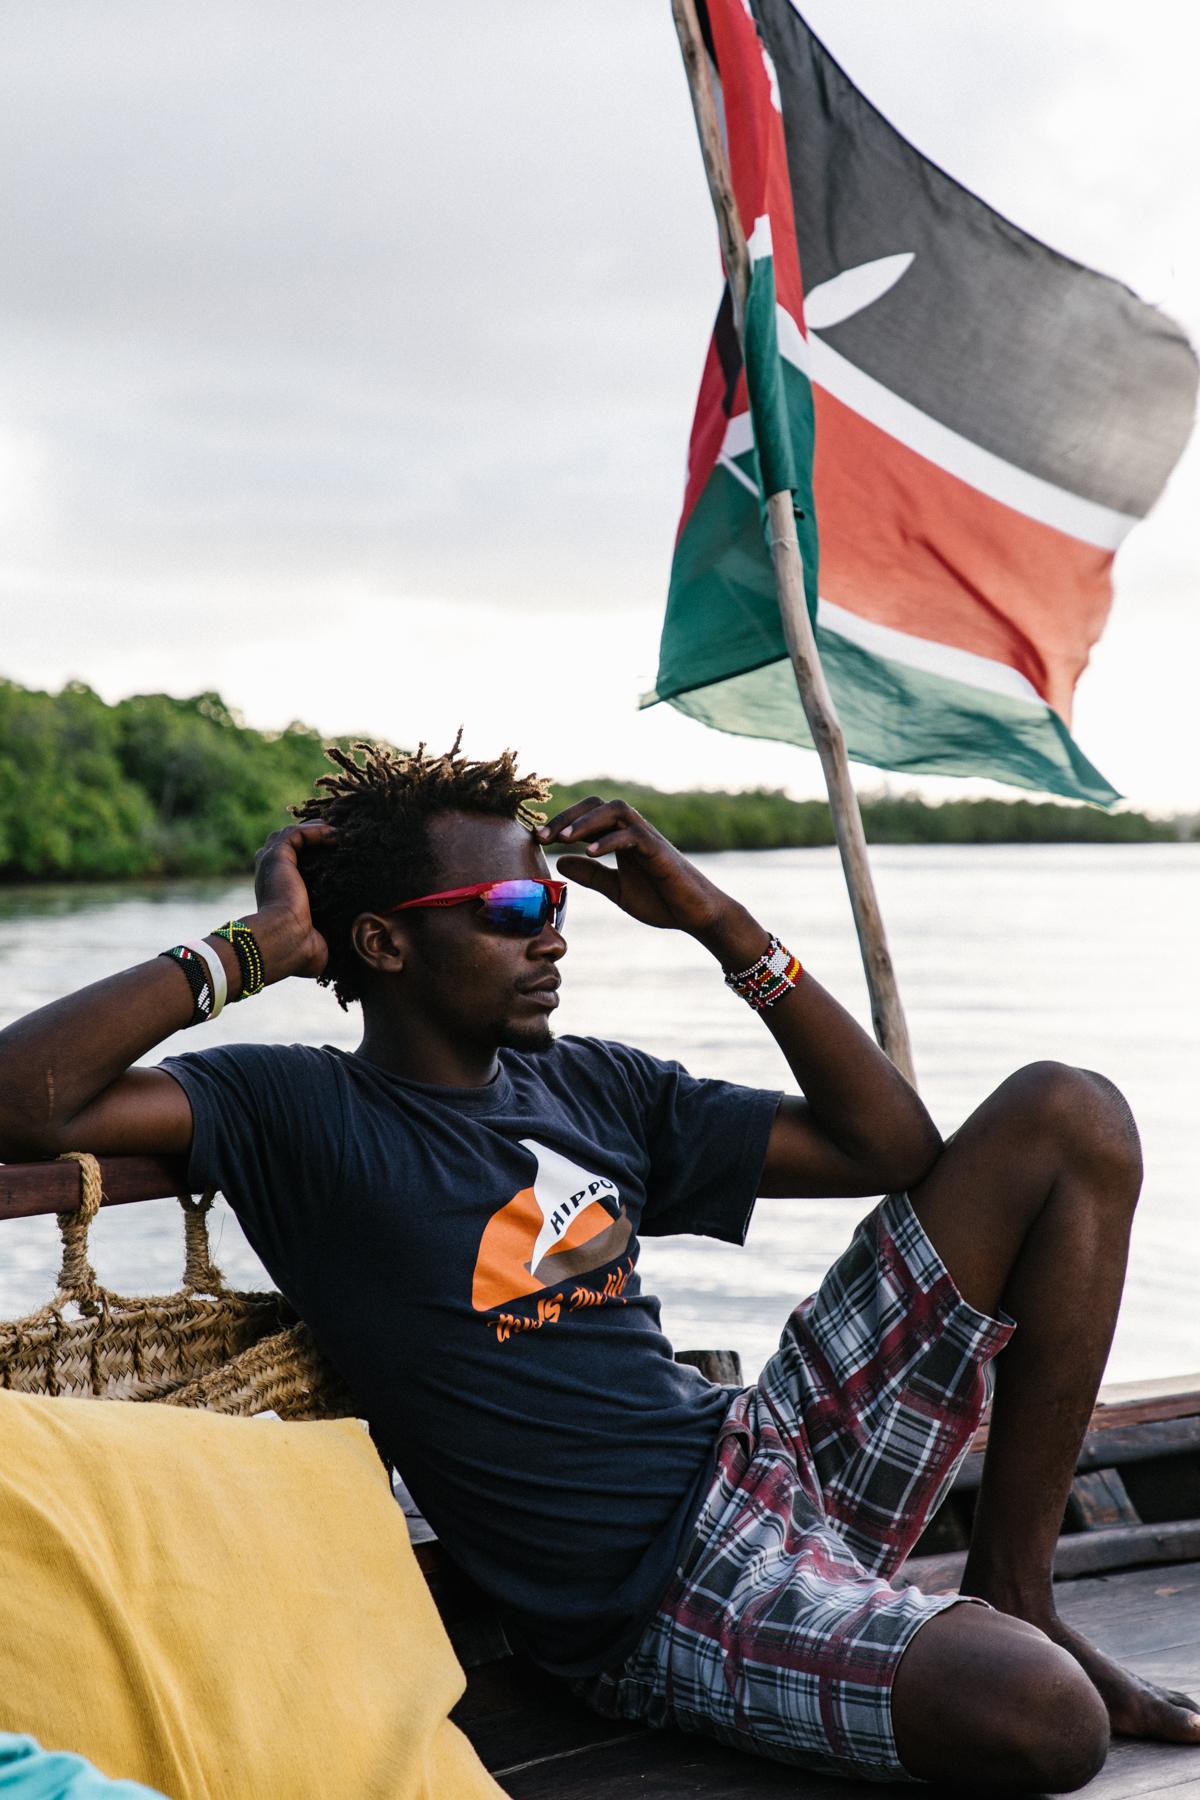 Spiritedpursuit_leelitumbe_lamu_kenya-185.jpg